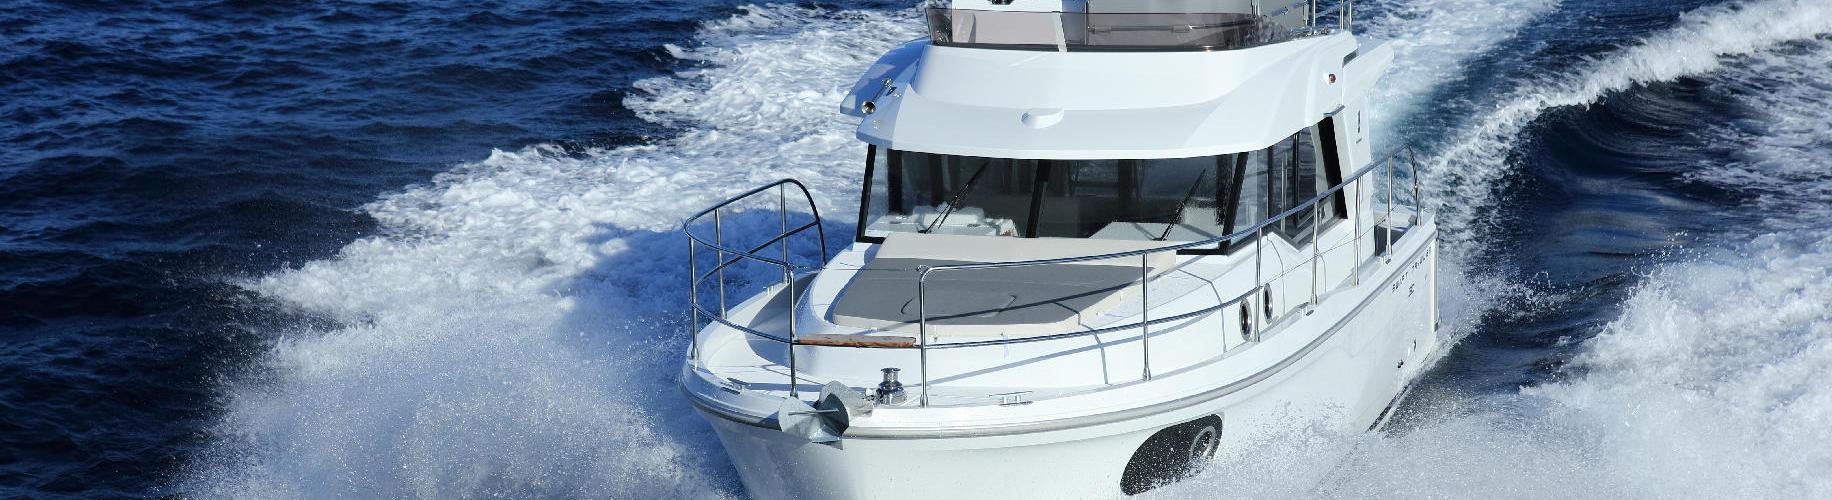 моторная лодка Swift Trawler 30